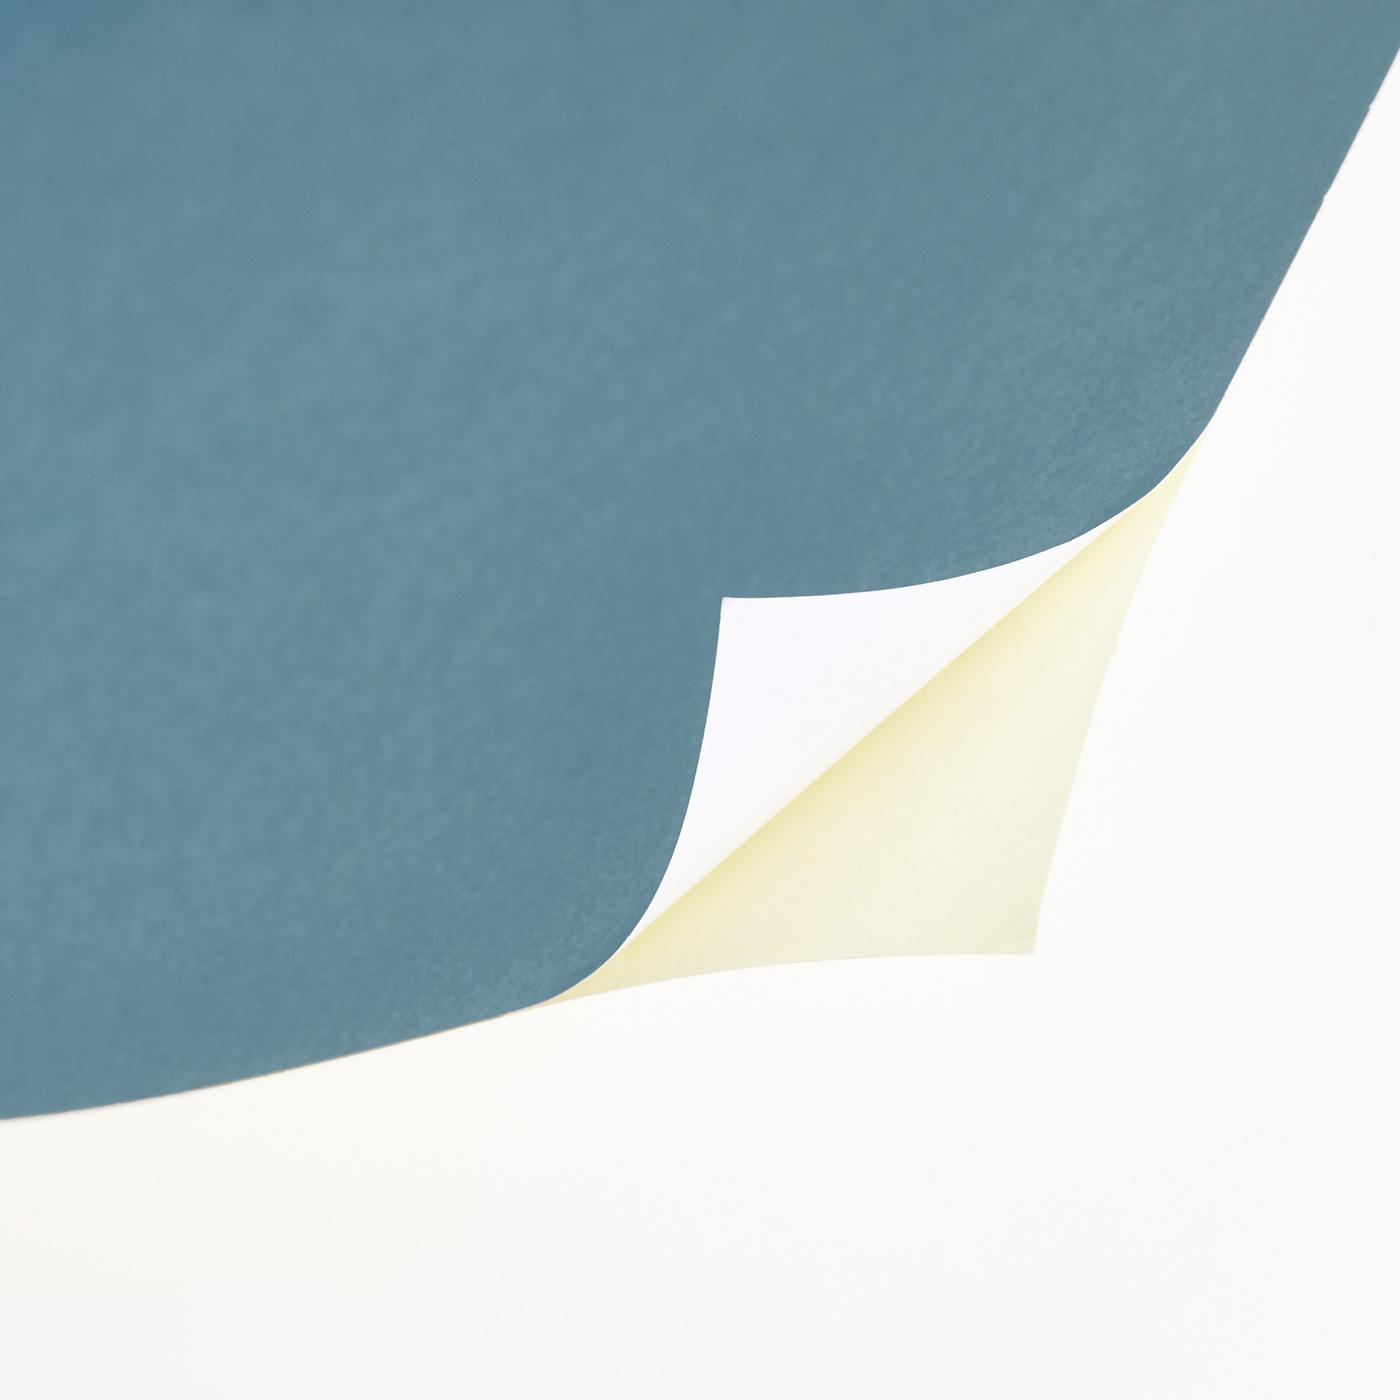 壁にぴたりと貼りつく薄手の上質紙。